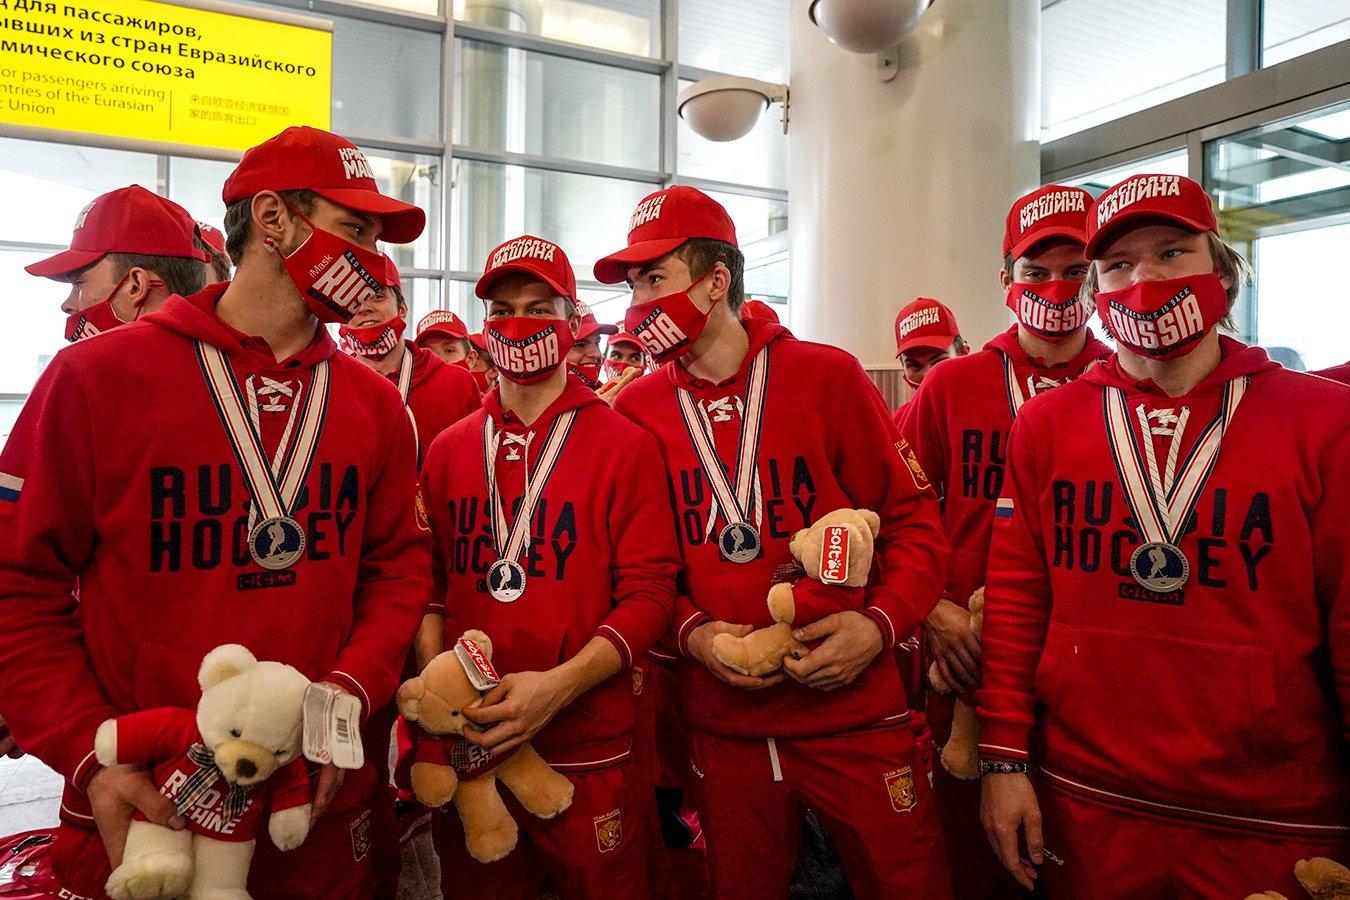 Хоккейная сборная России вернулась с ЮЧМ, её встречали с флагом и мишками. Фото